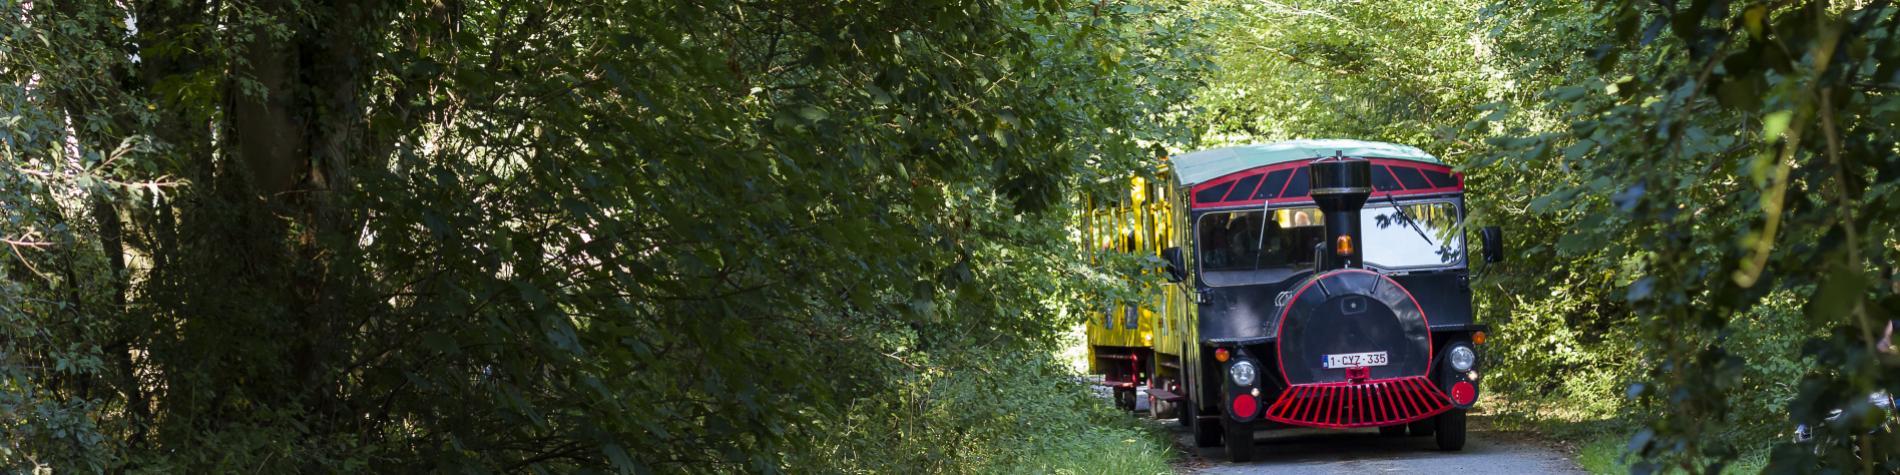 Croco Express- train touristique- des Lacs-de l'Eau-d'Heure